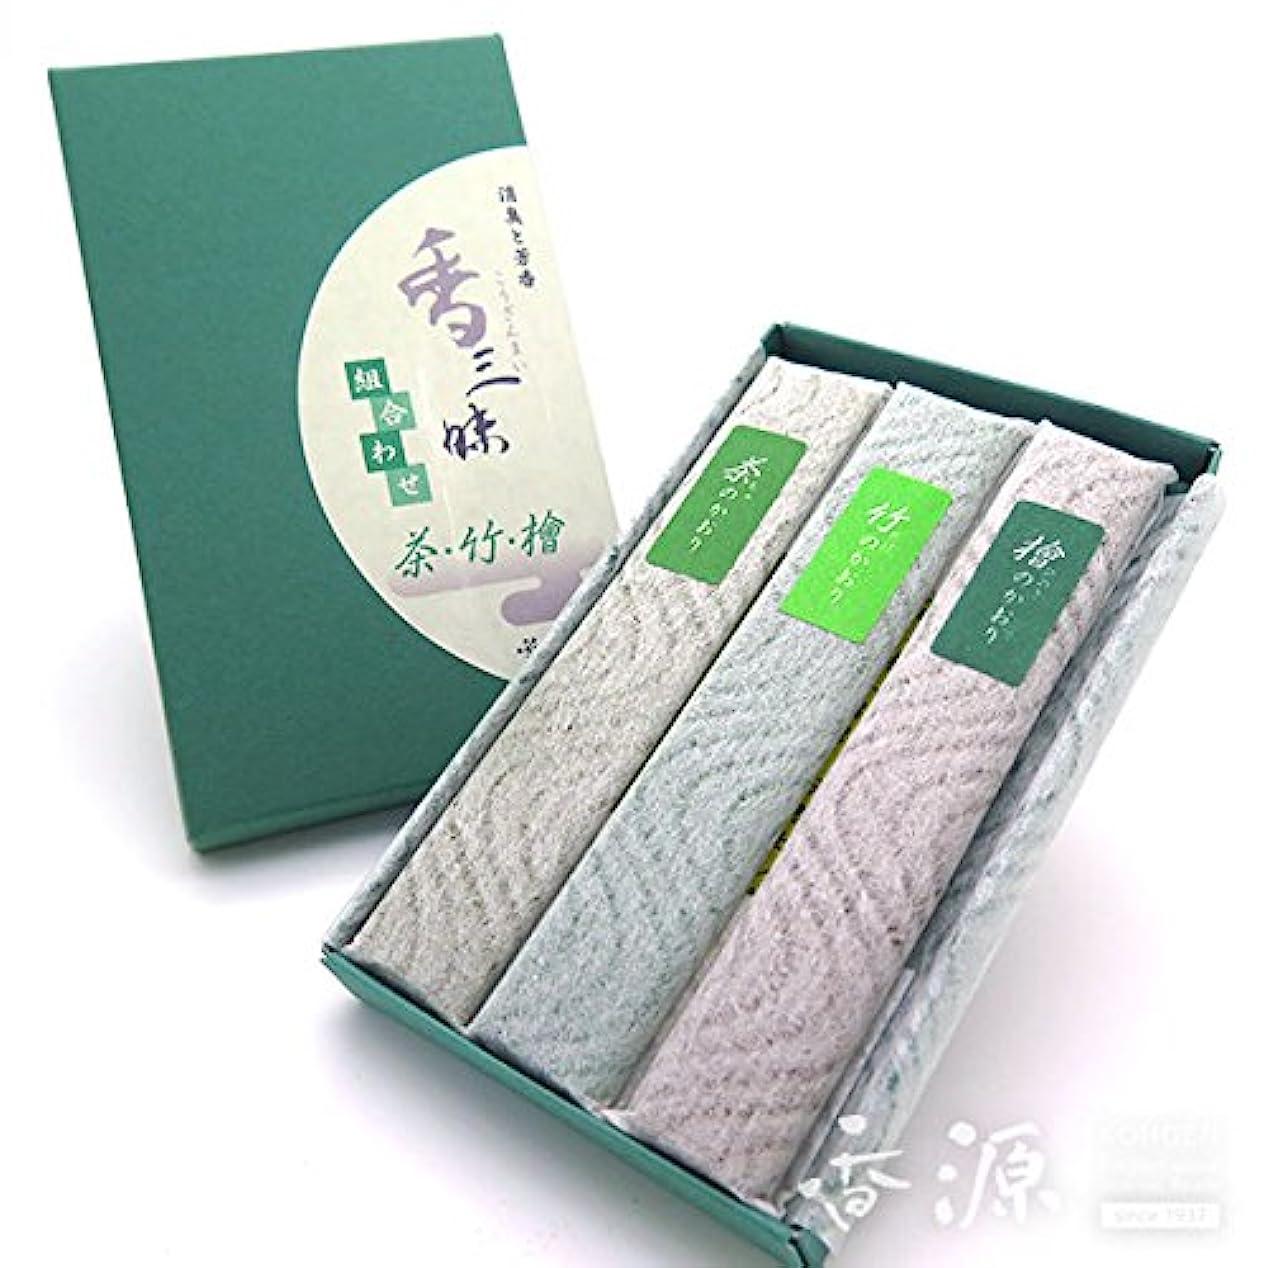 うぬぼれた重量包括的フラボノイドで消臭 薫寿堂のお香 香三昧 茶?竹?檜(チャ?タケ?ヒノキ)